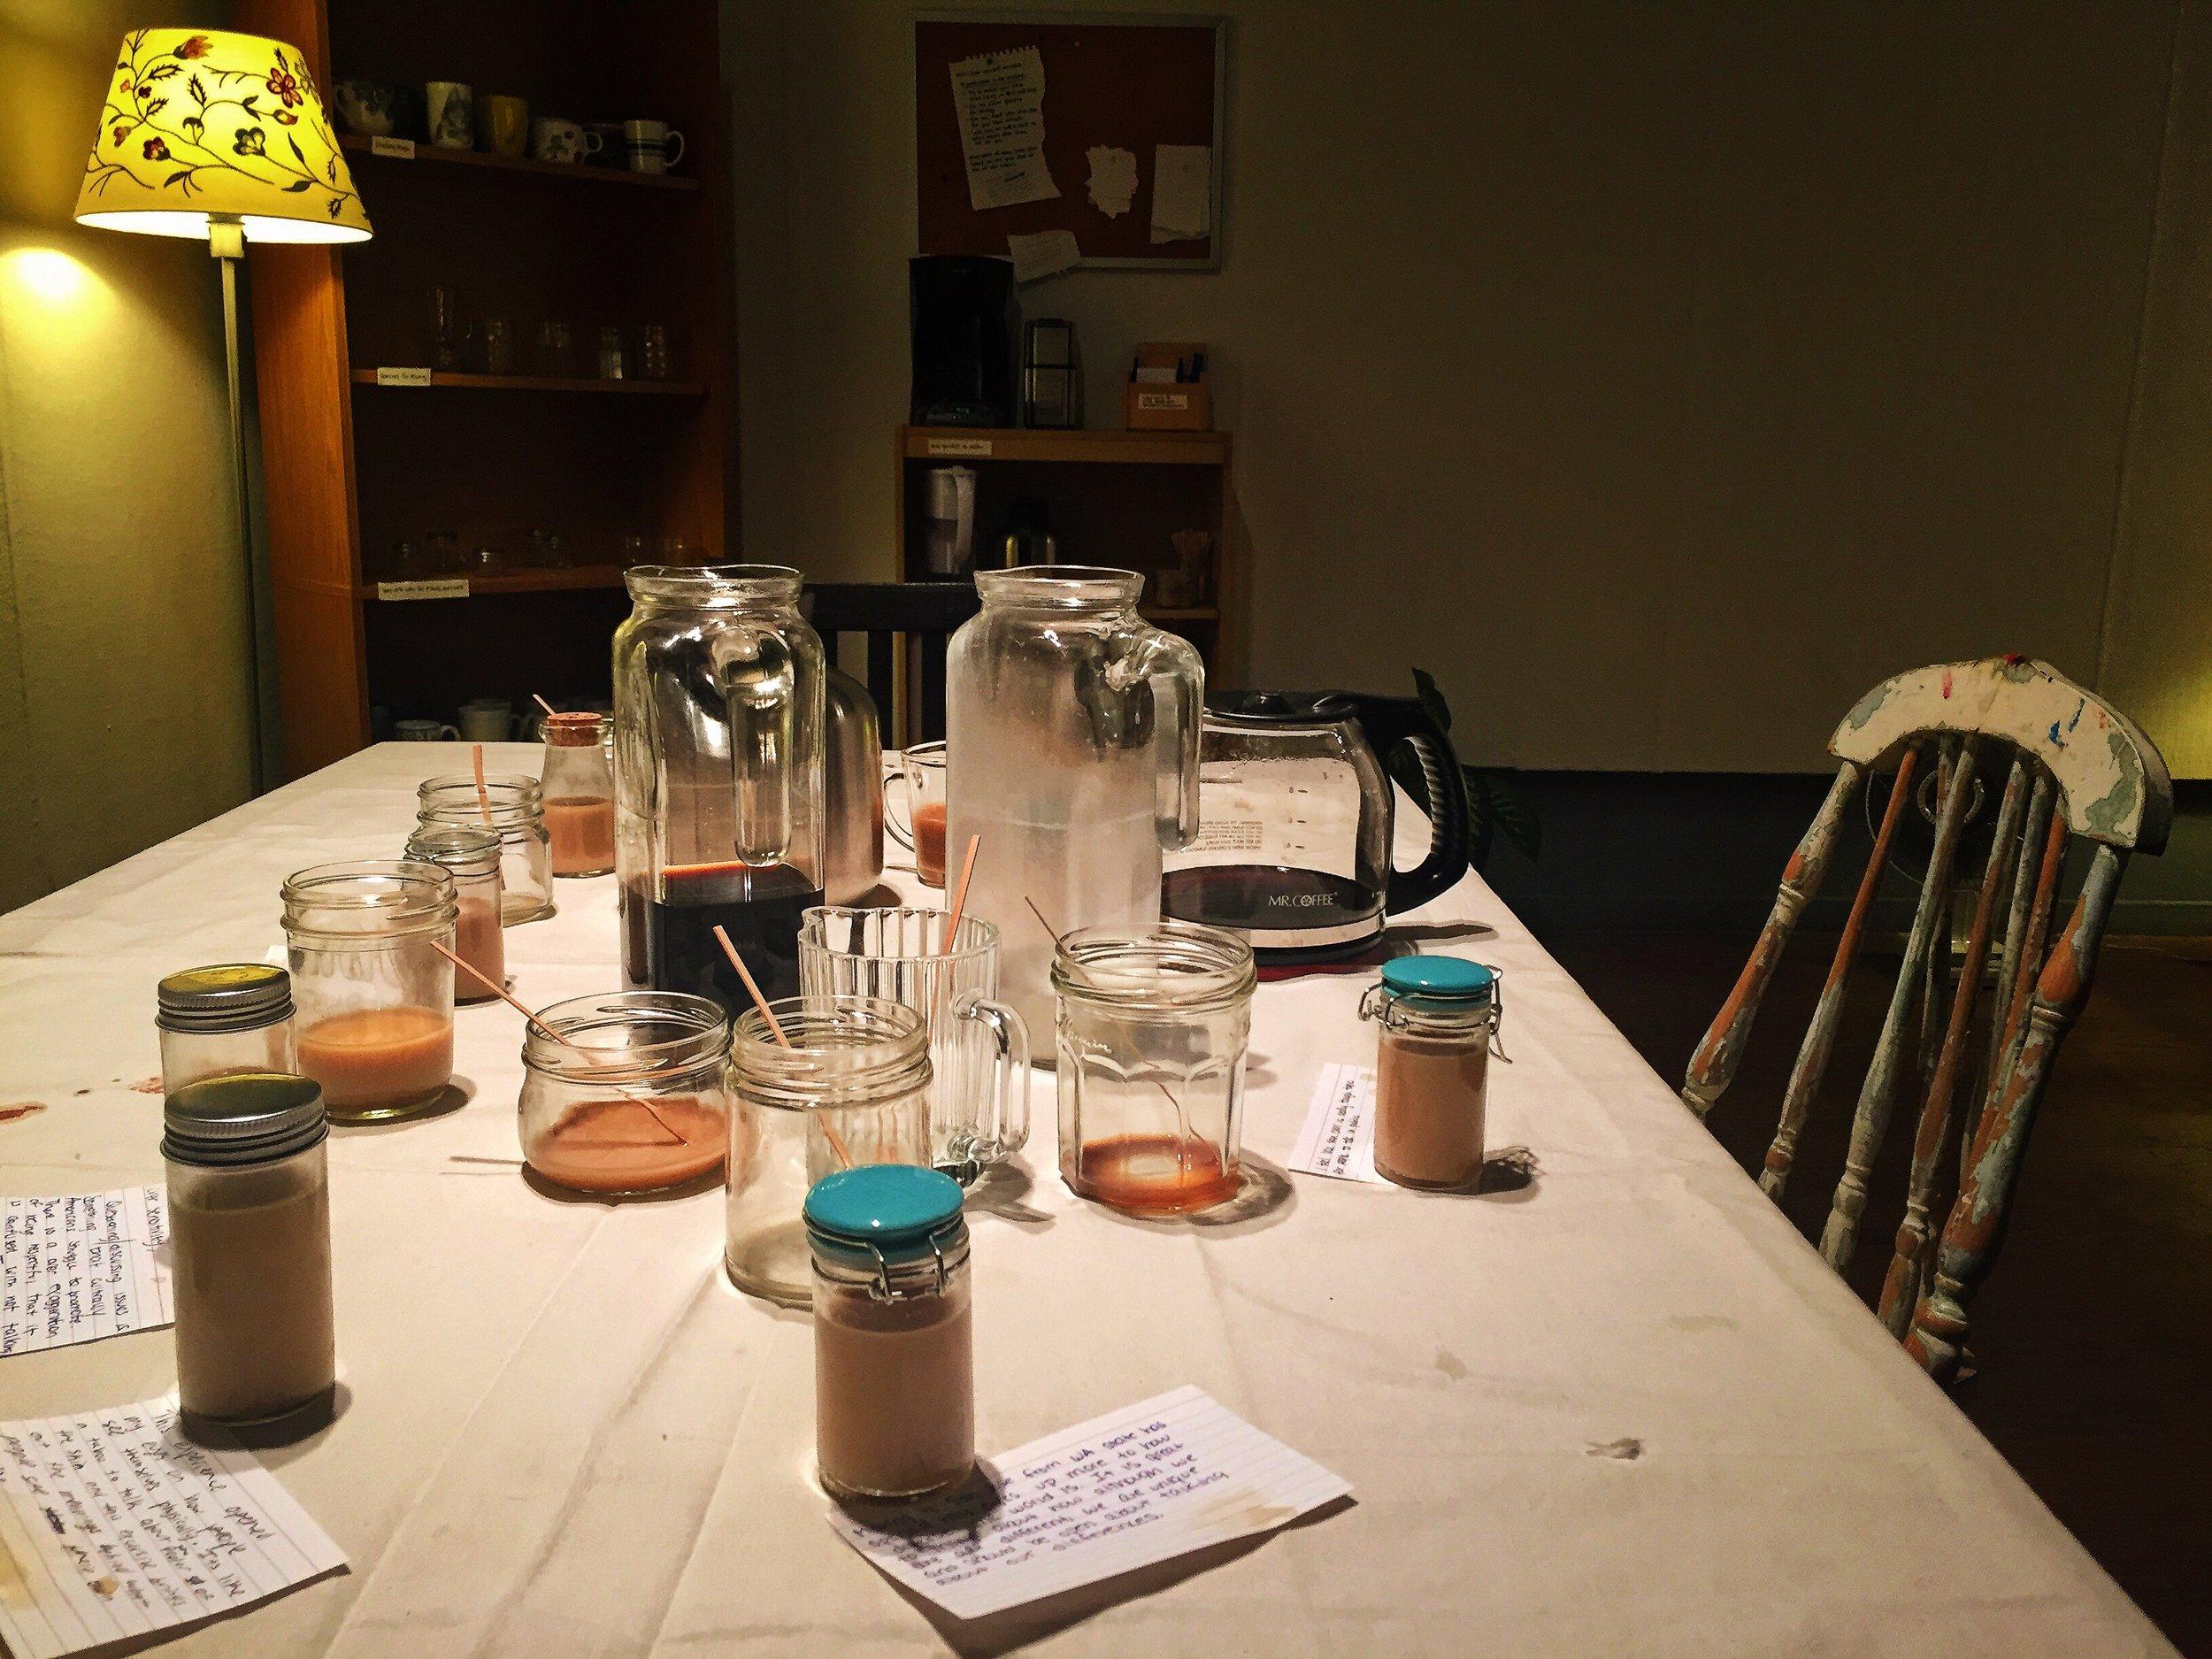 Cafe_con_Leche_Project_Carmina_Eliason.jpg